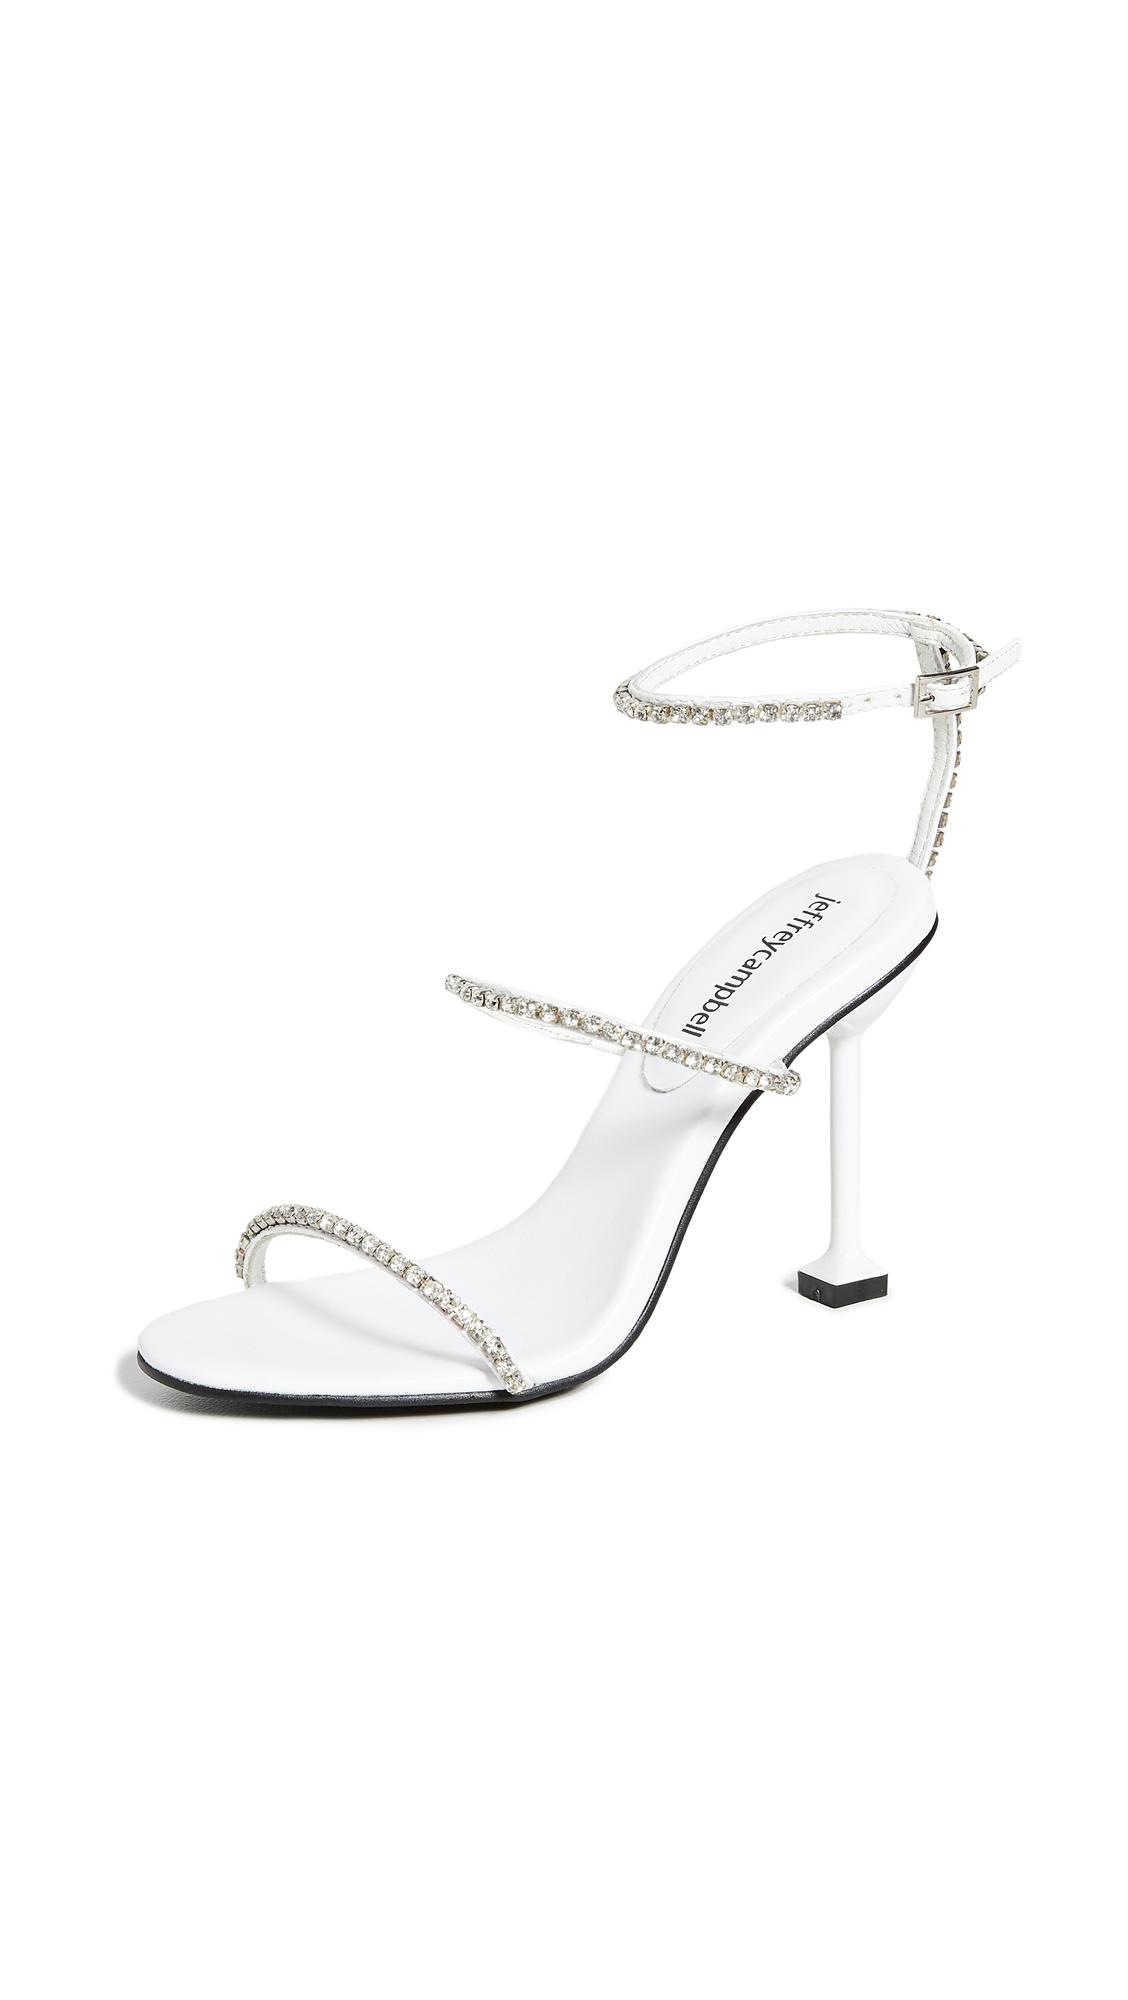 Jeffrey Campbell Demonic Sandals - 50% Off Sale